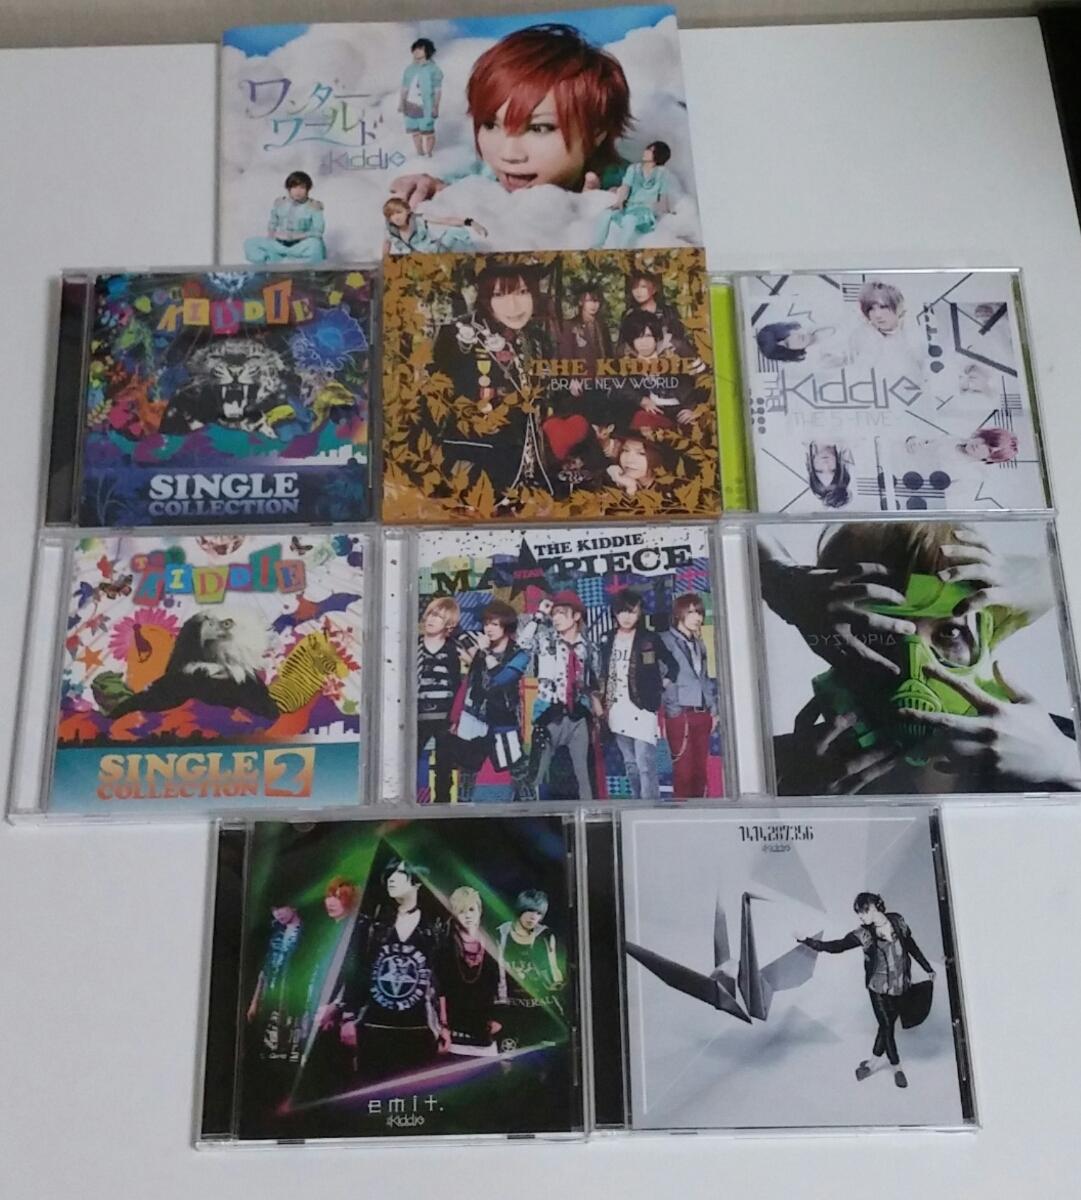 【THE KIDDIE/CD+写真集DVD付+雑誌切り抜き】8枚+1冊